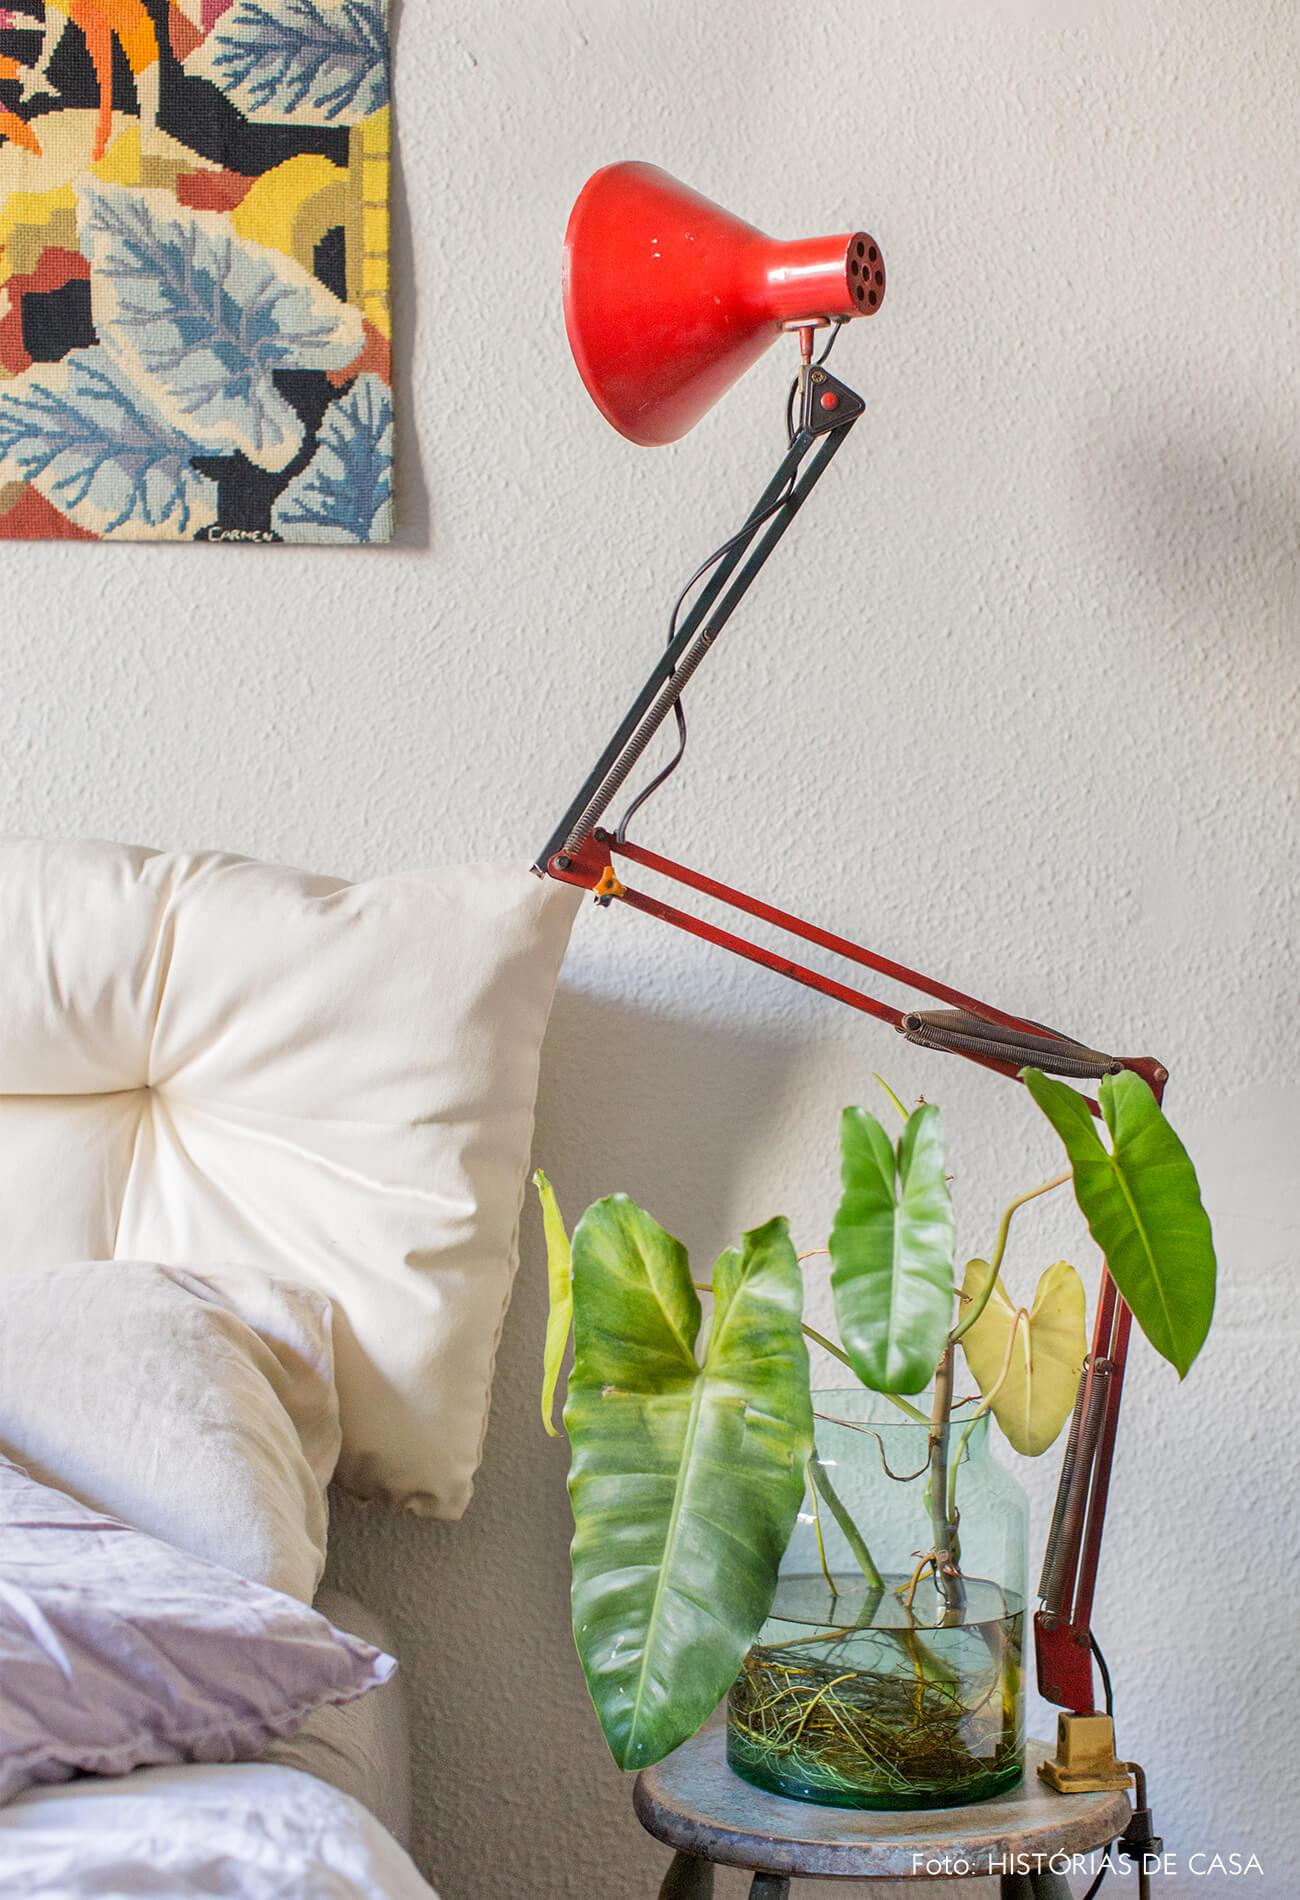 luminária vermelha e parede branca com plantas